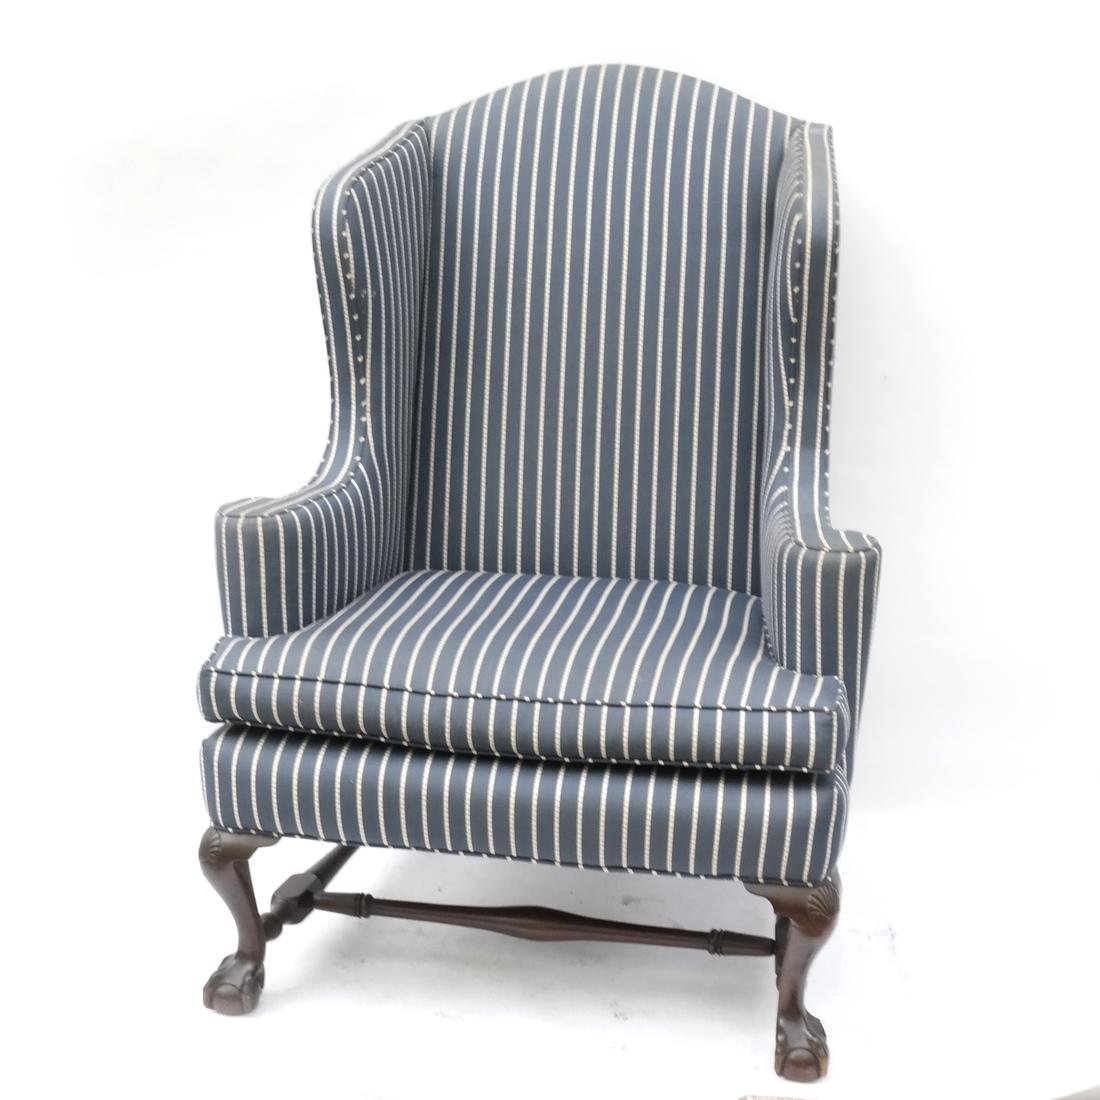 Kittinger Mahogany Upholstered Wing Chair